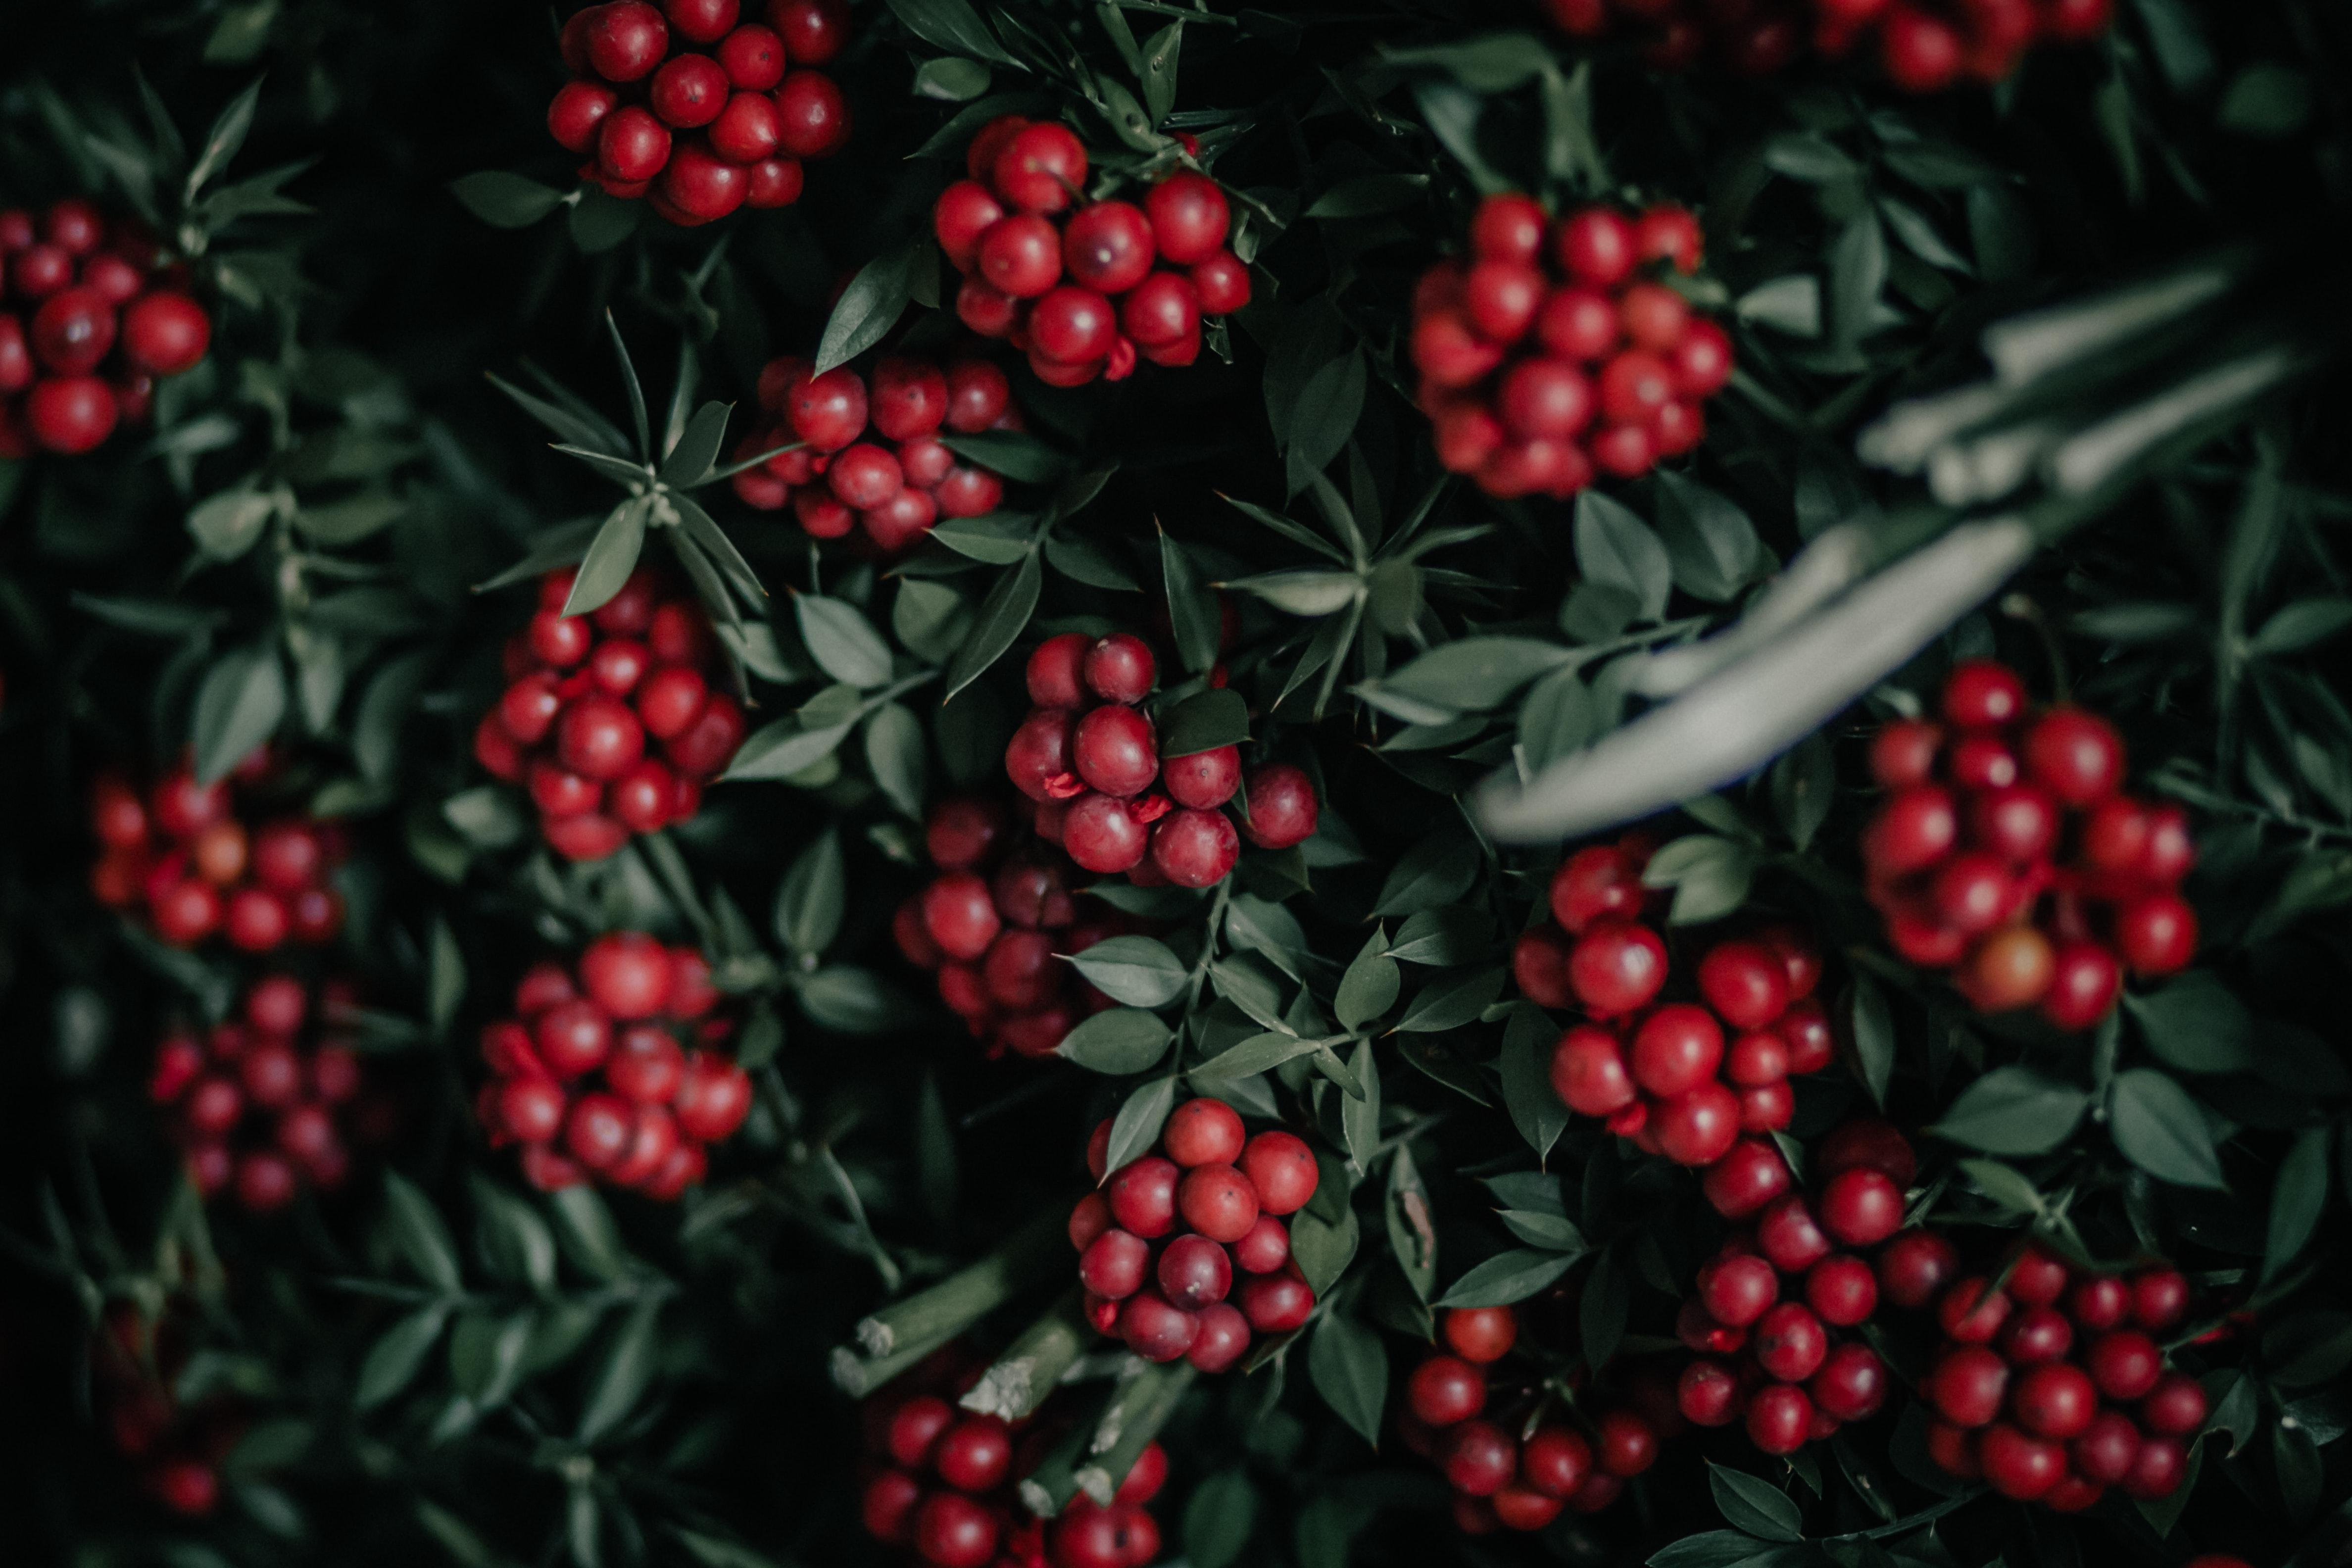 79095 скачать обои Природа, Грозди, Красный, Растение, Ягоды - заставки и картинки бесплатно